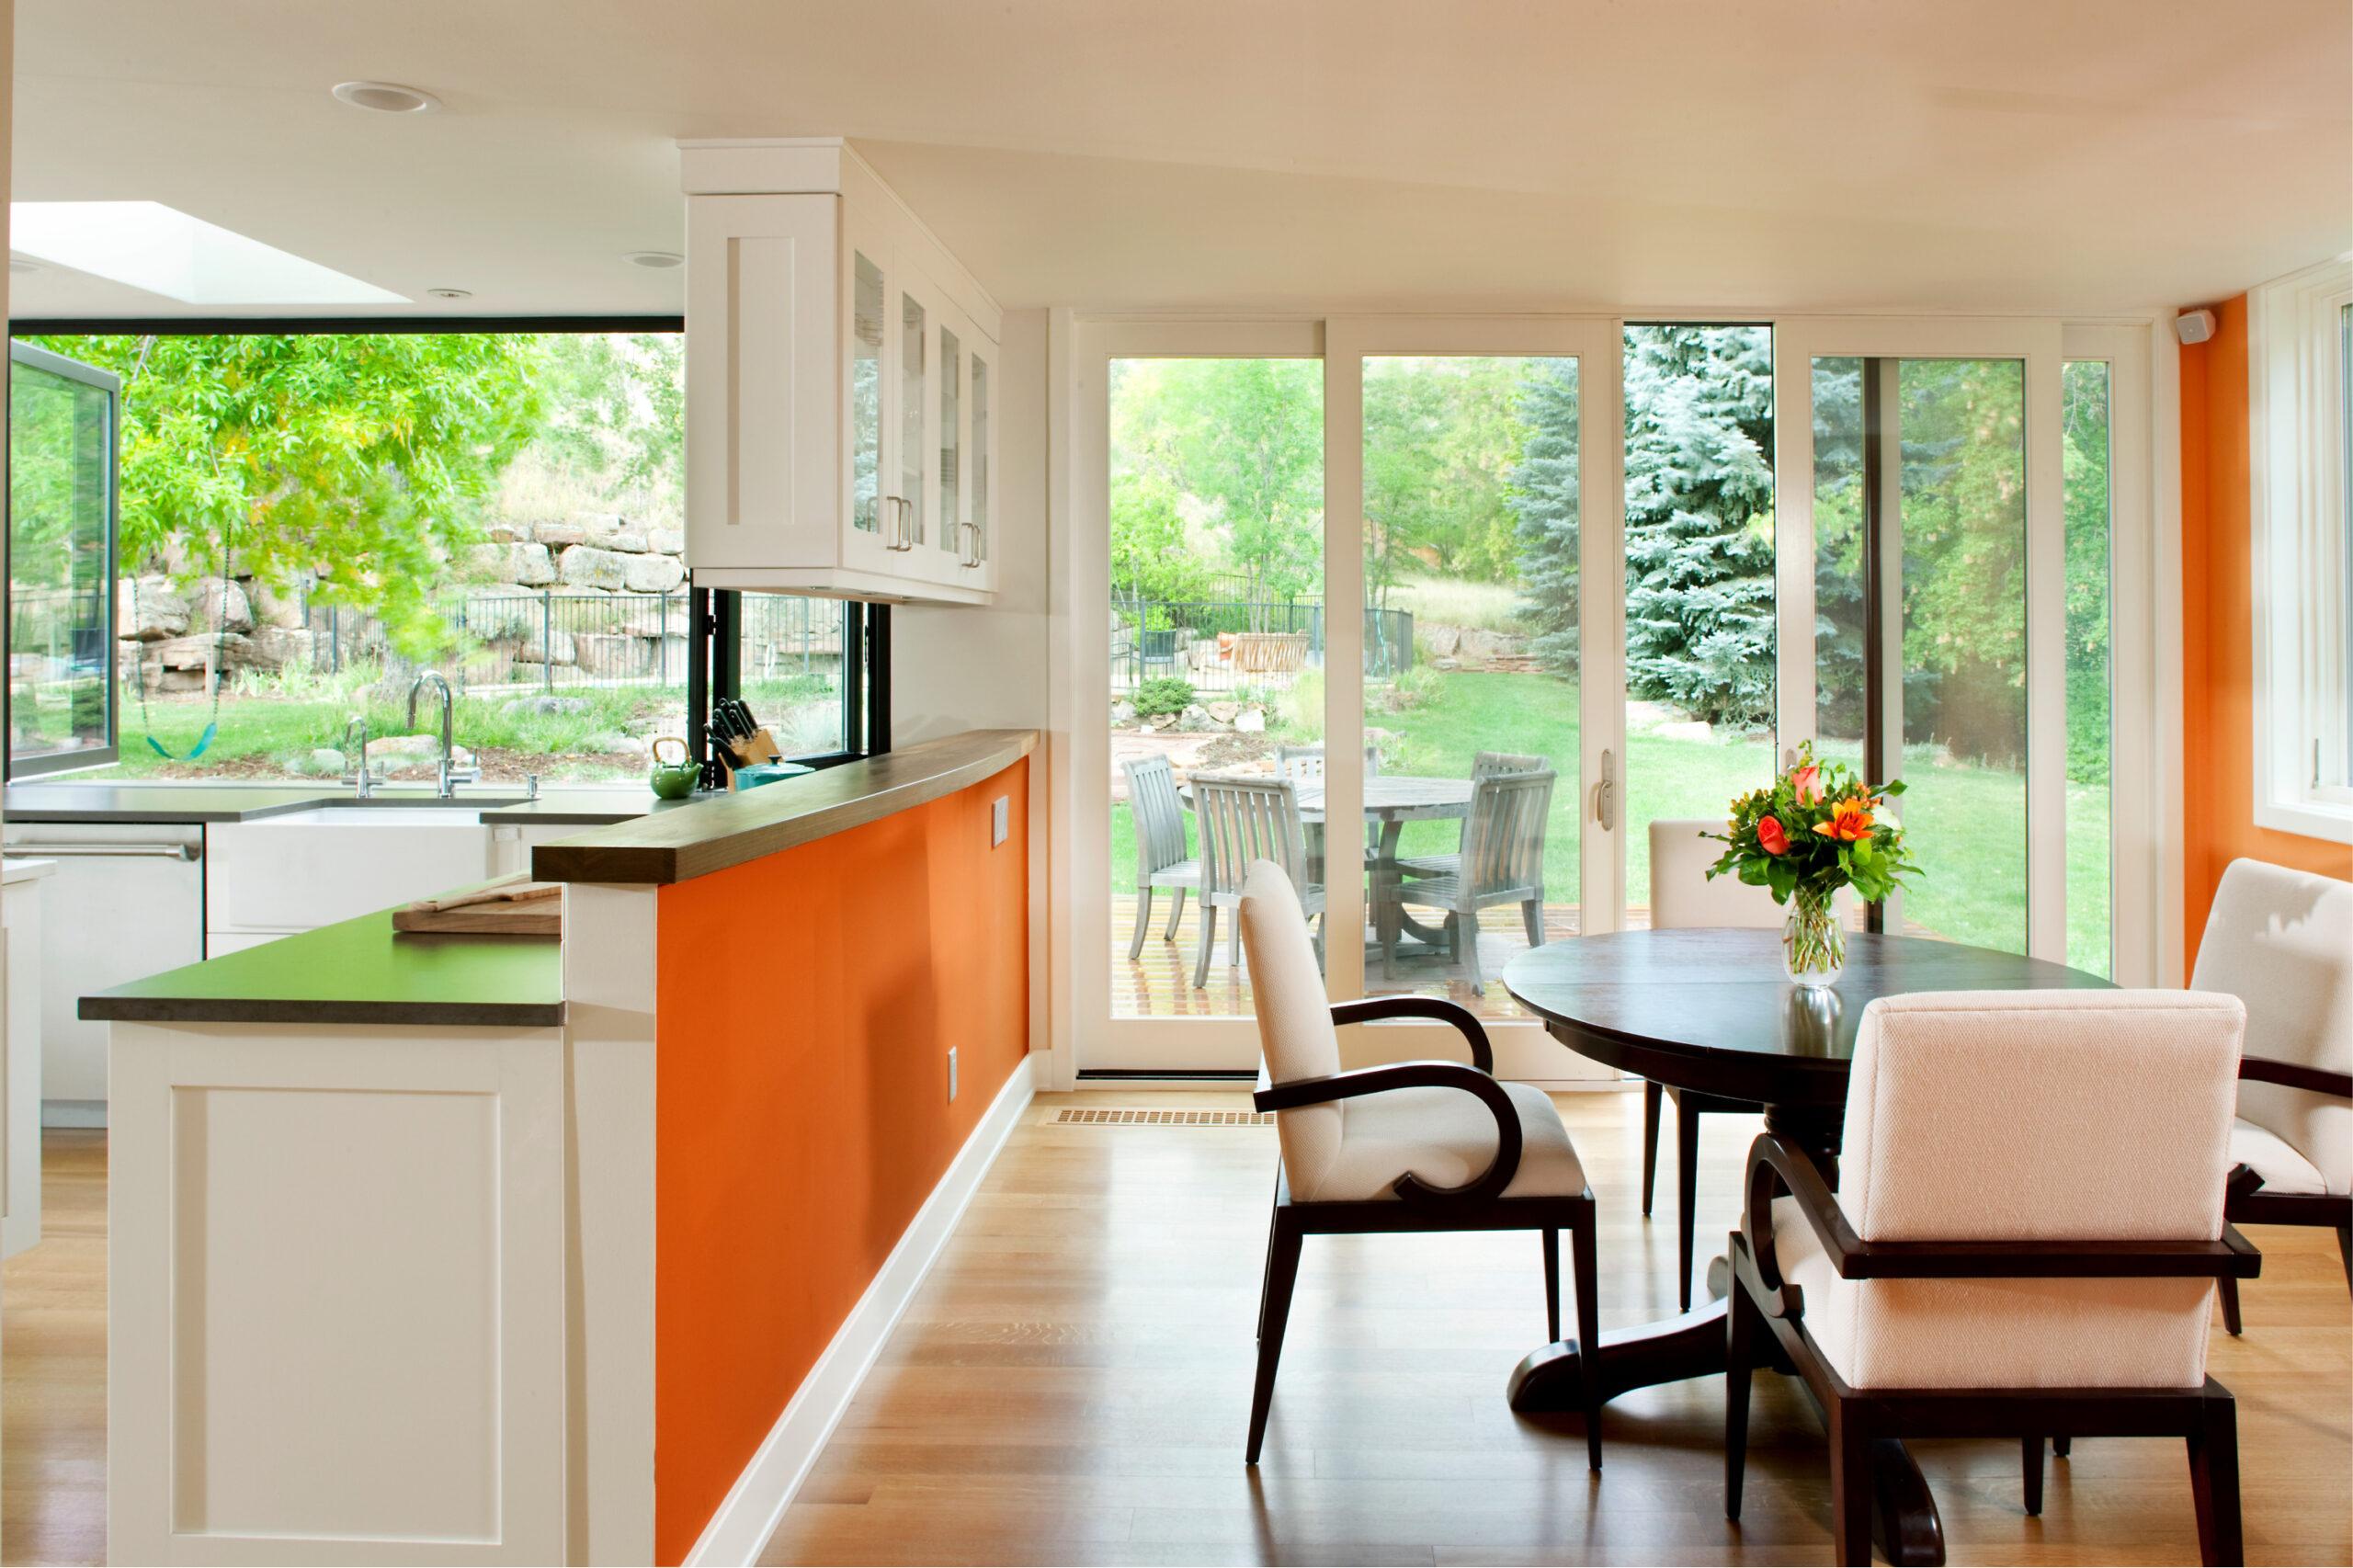 Melton Design Build Boulder Colorado Bring Your Family Together